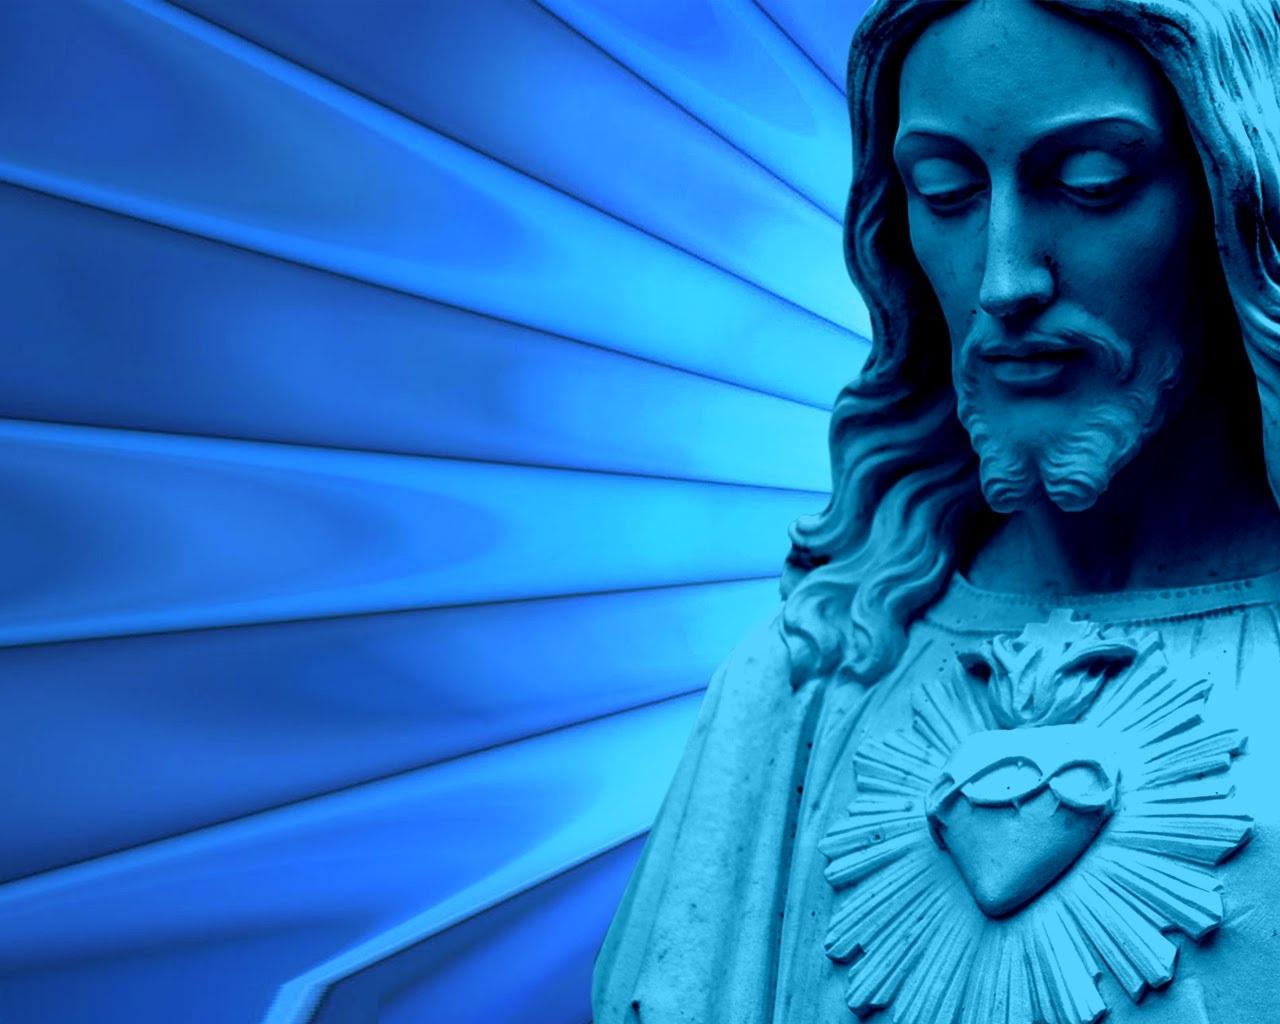 48 ] Jesus Wallpaper 3D On WallpaperSafari